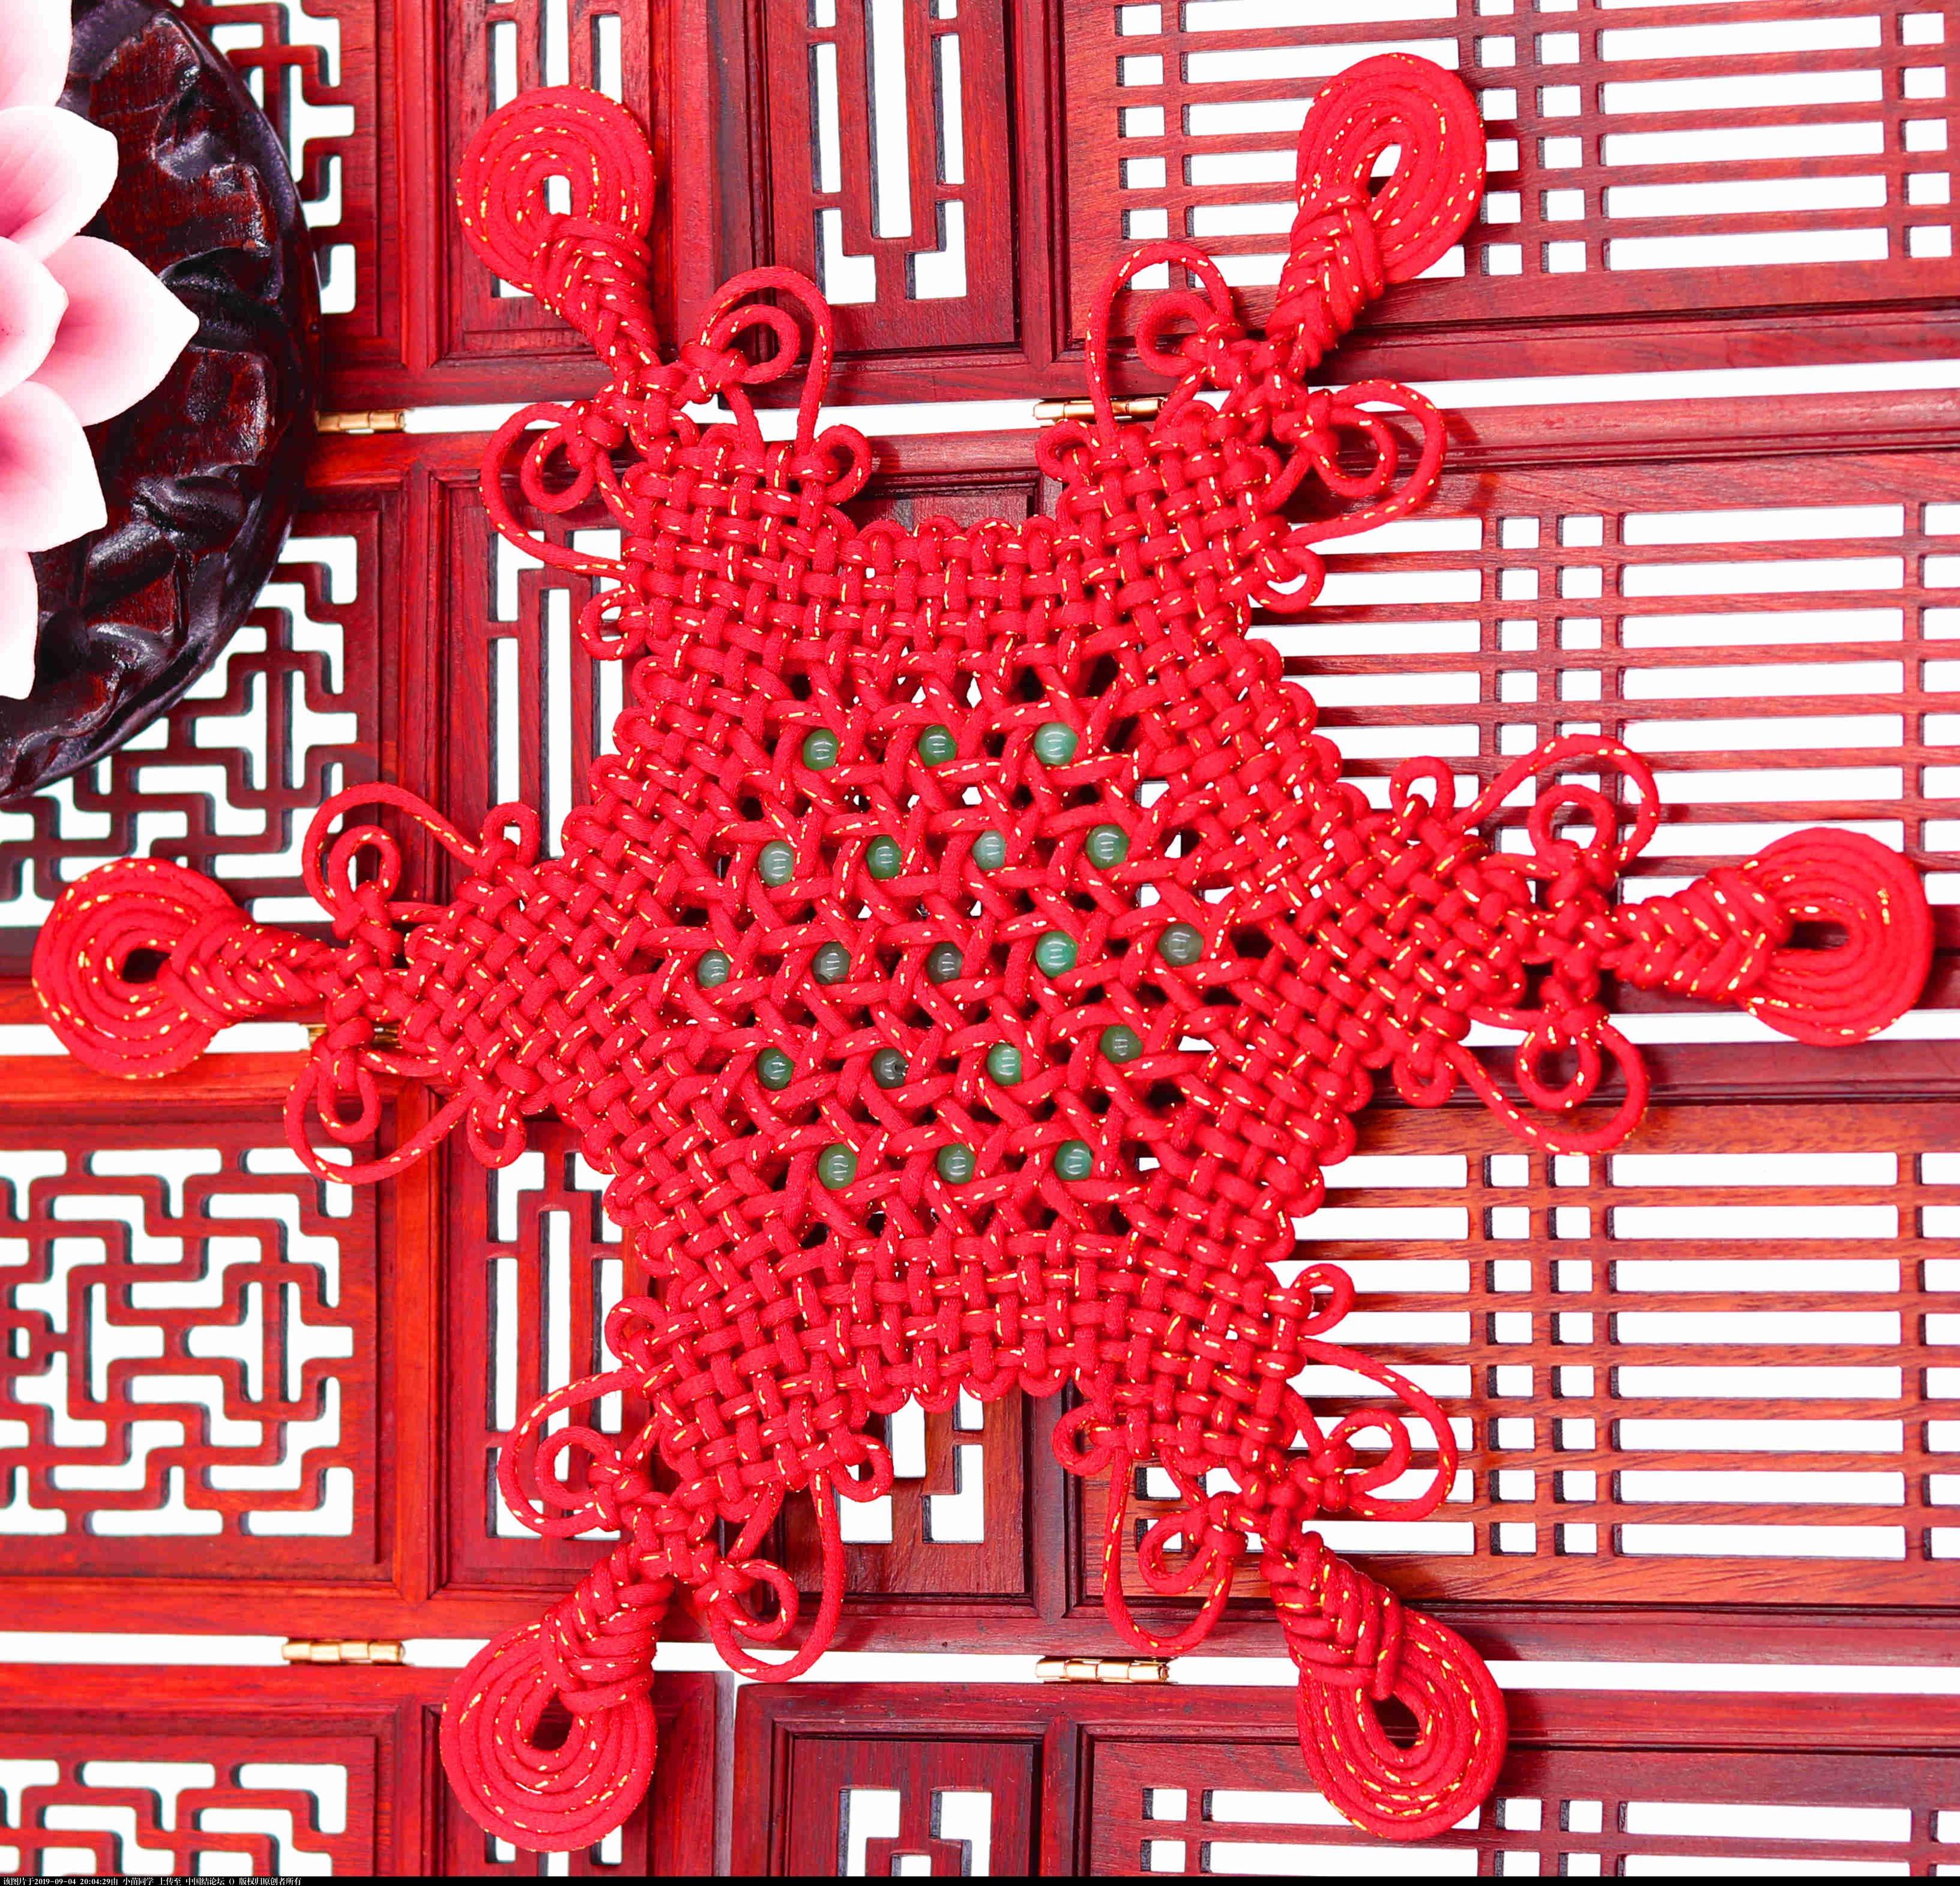 中国结论坛 编个小作品  作品展示 200422yqqd9t1zmv2md2di